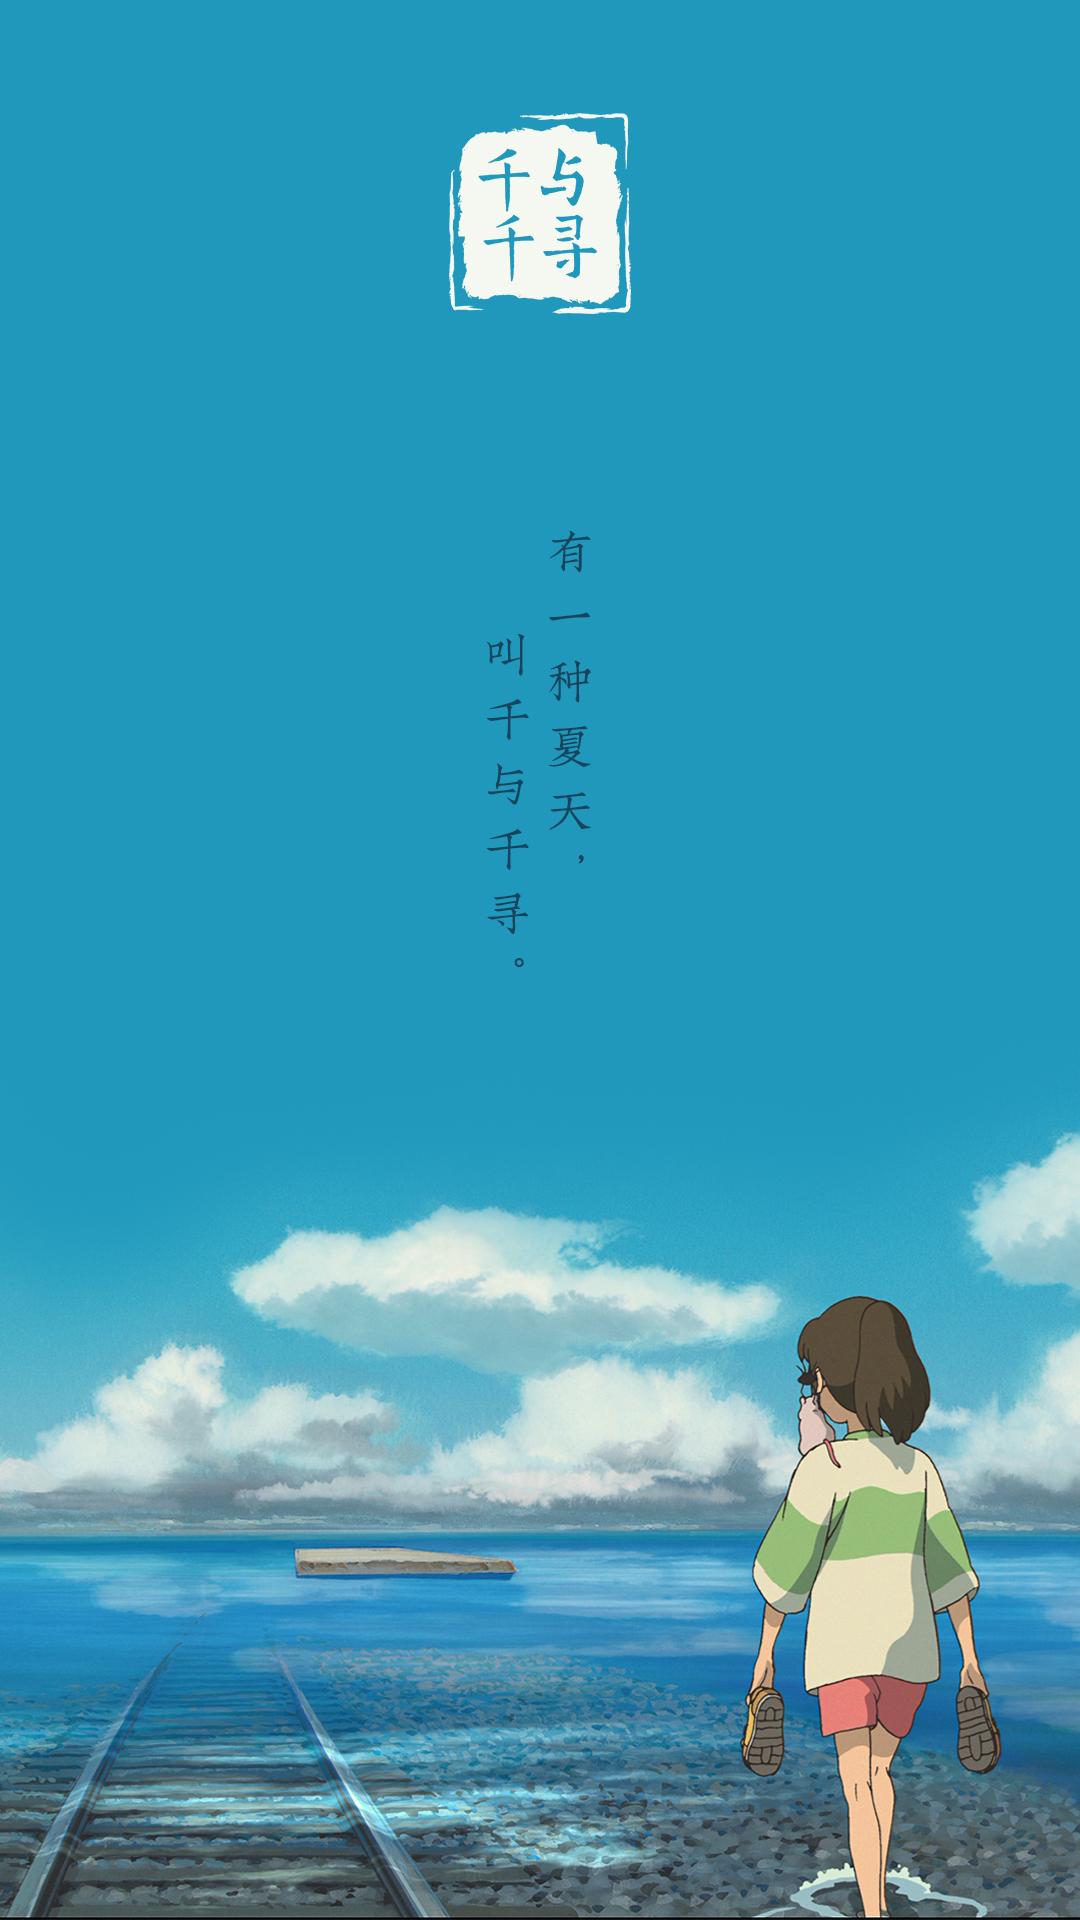 千与千寻动漫壁纸夏日篇